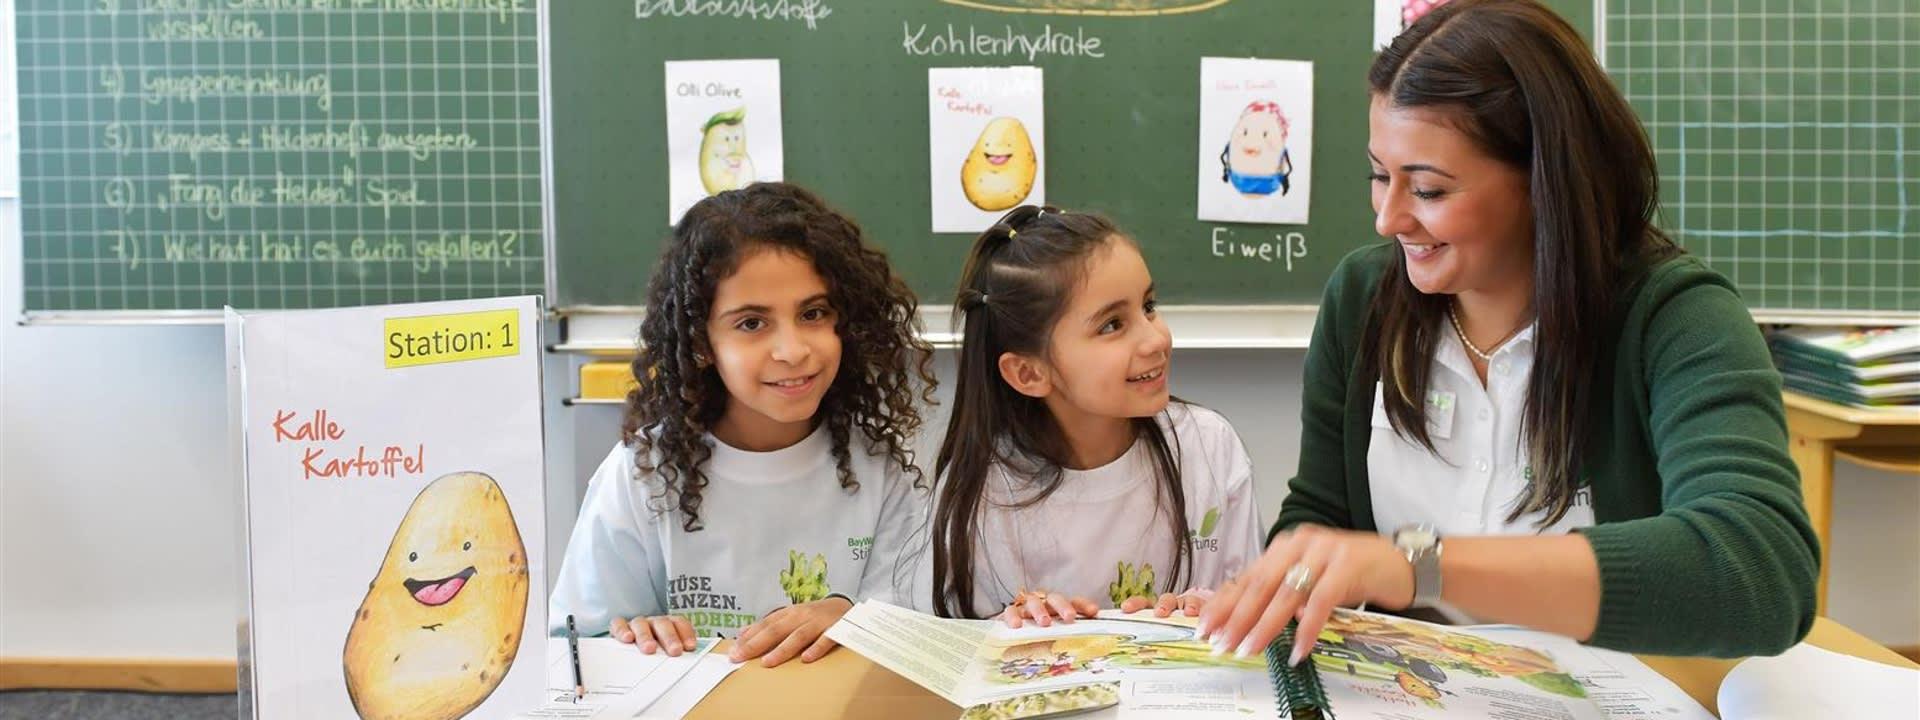 Die richtige Anwendung des Ernährungskompass im Unterricht durch Lehrerfortbildungen.